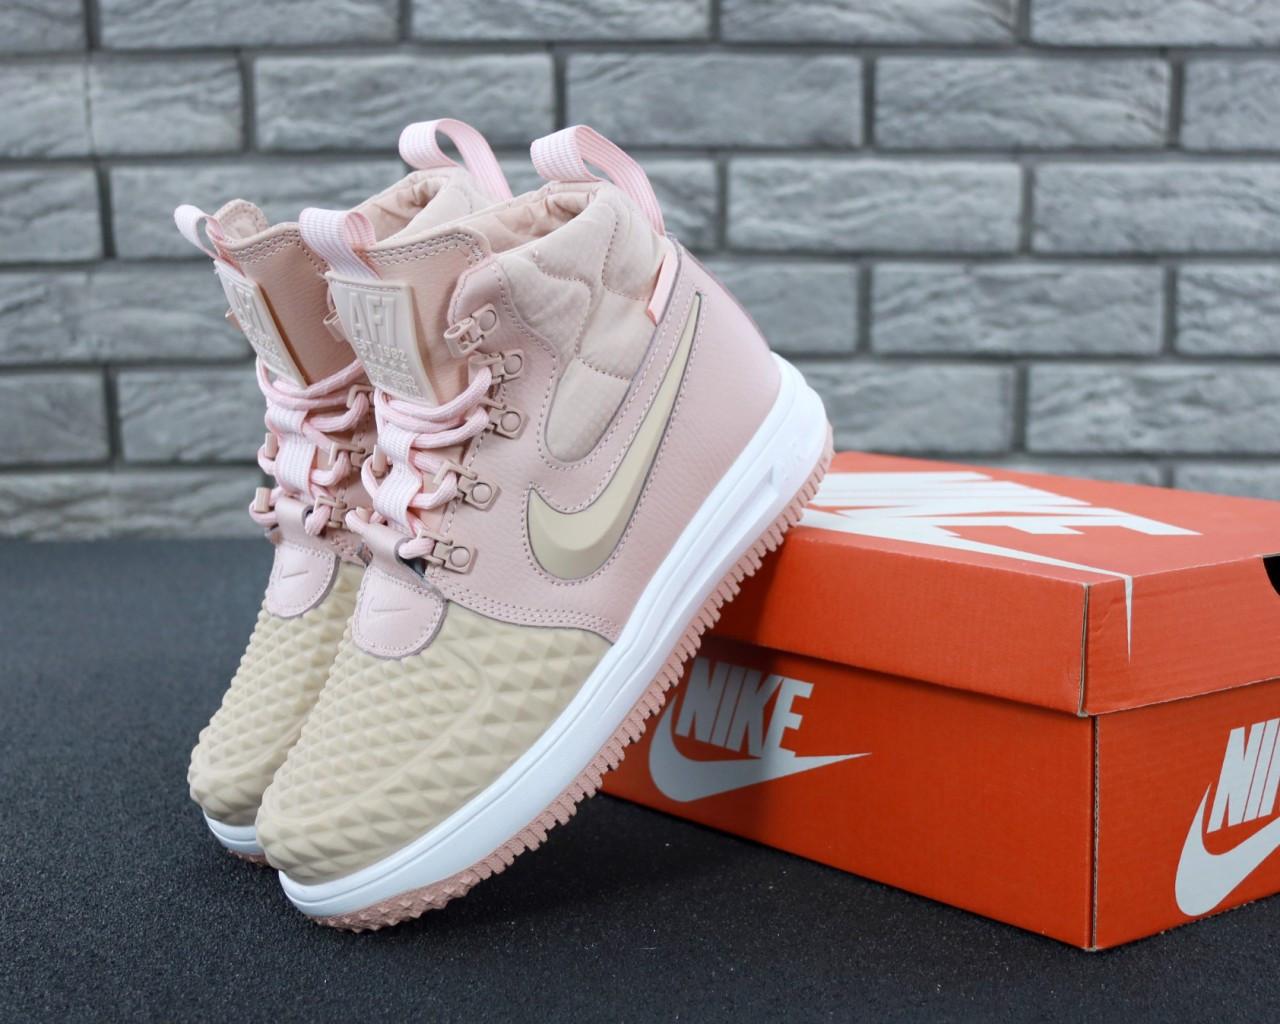 Женские кроссовки Nike Lunar Force 1 Duckboot 17 Pink розовый. ТОП Реплика ААА класса.